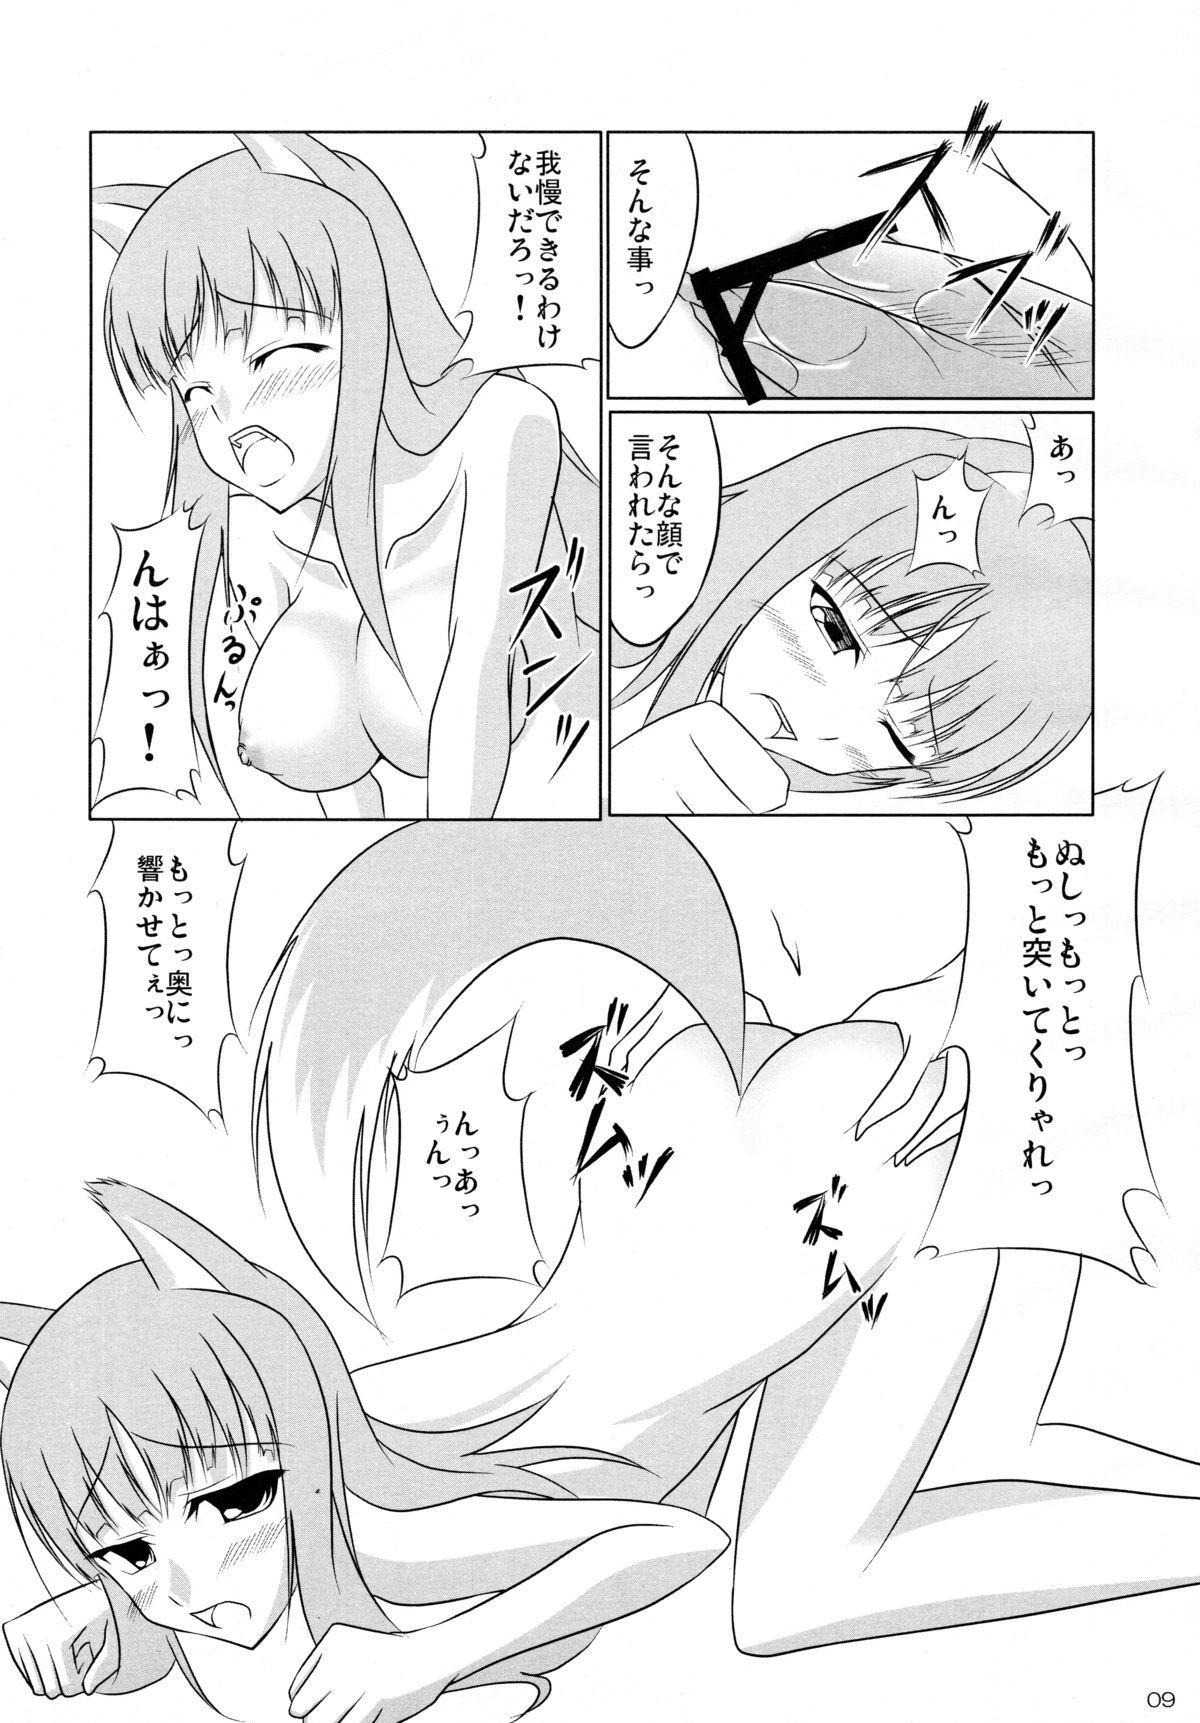 Ookami to Ringo no Hachimitsuzuke 8